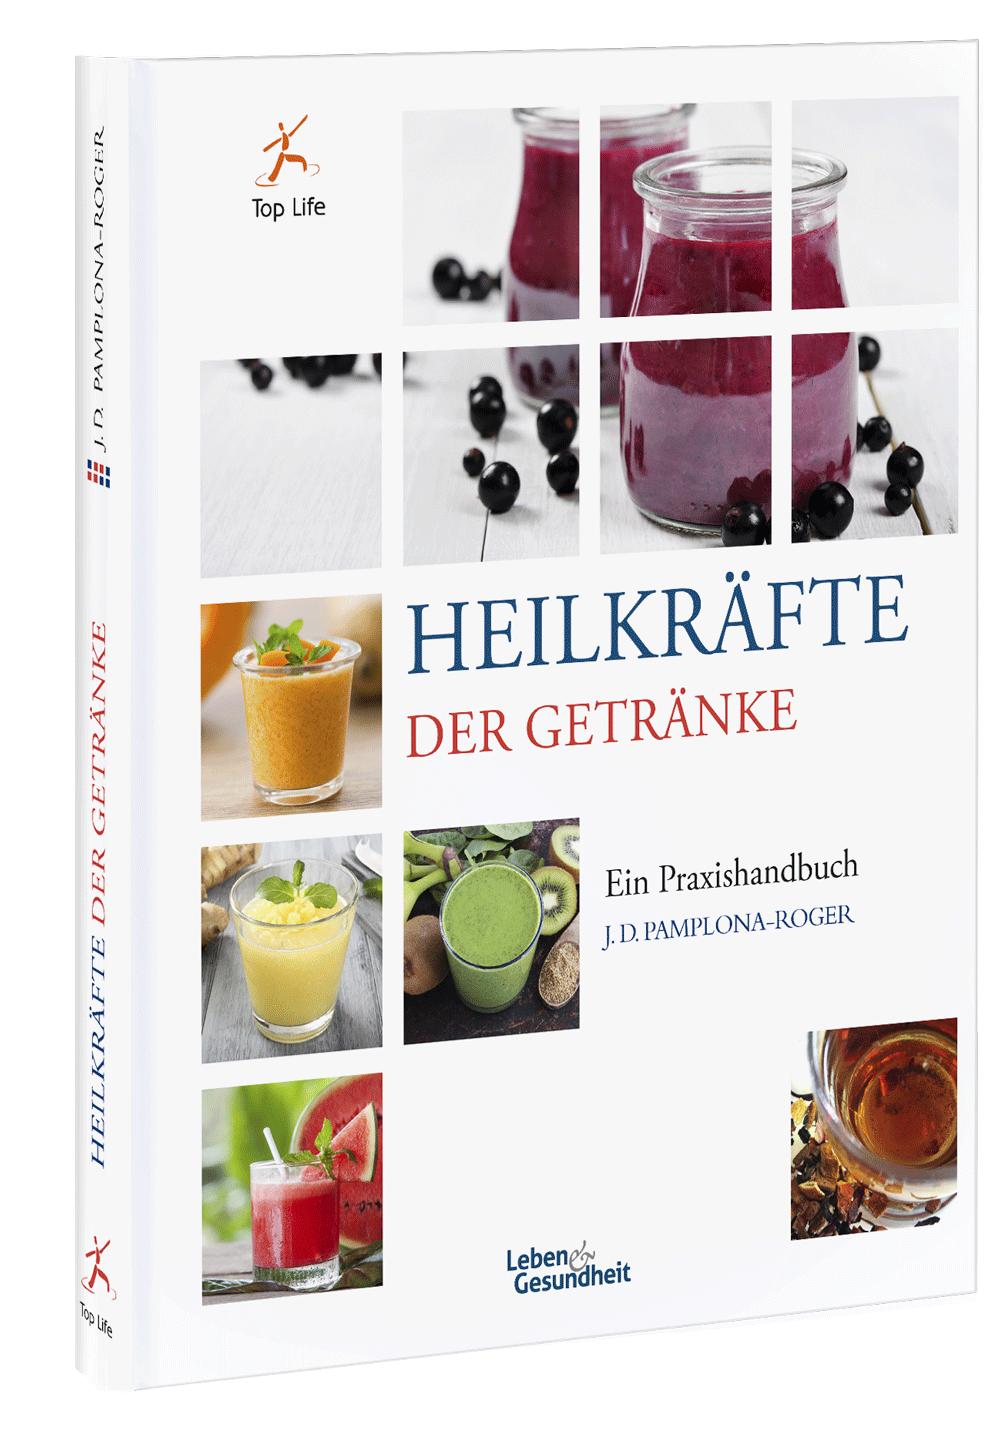 Top life – Heilkräfte der Getränke – gesundheit-ganzheitlich.at